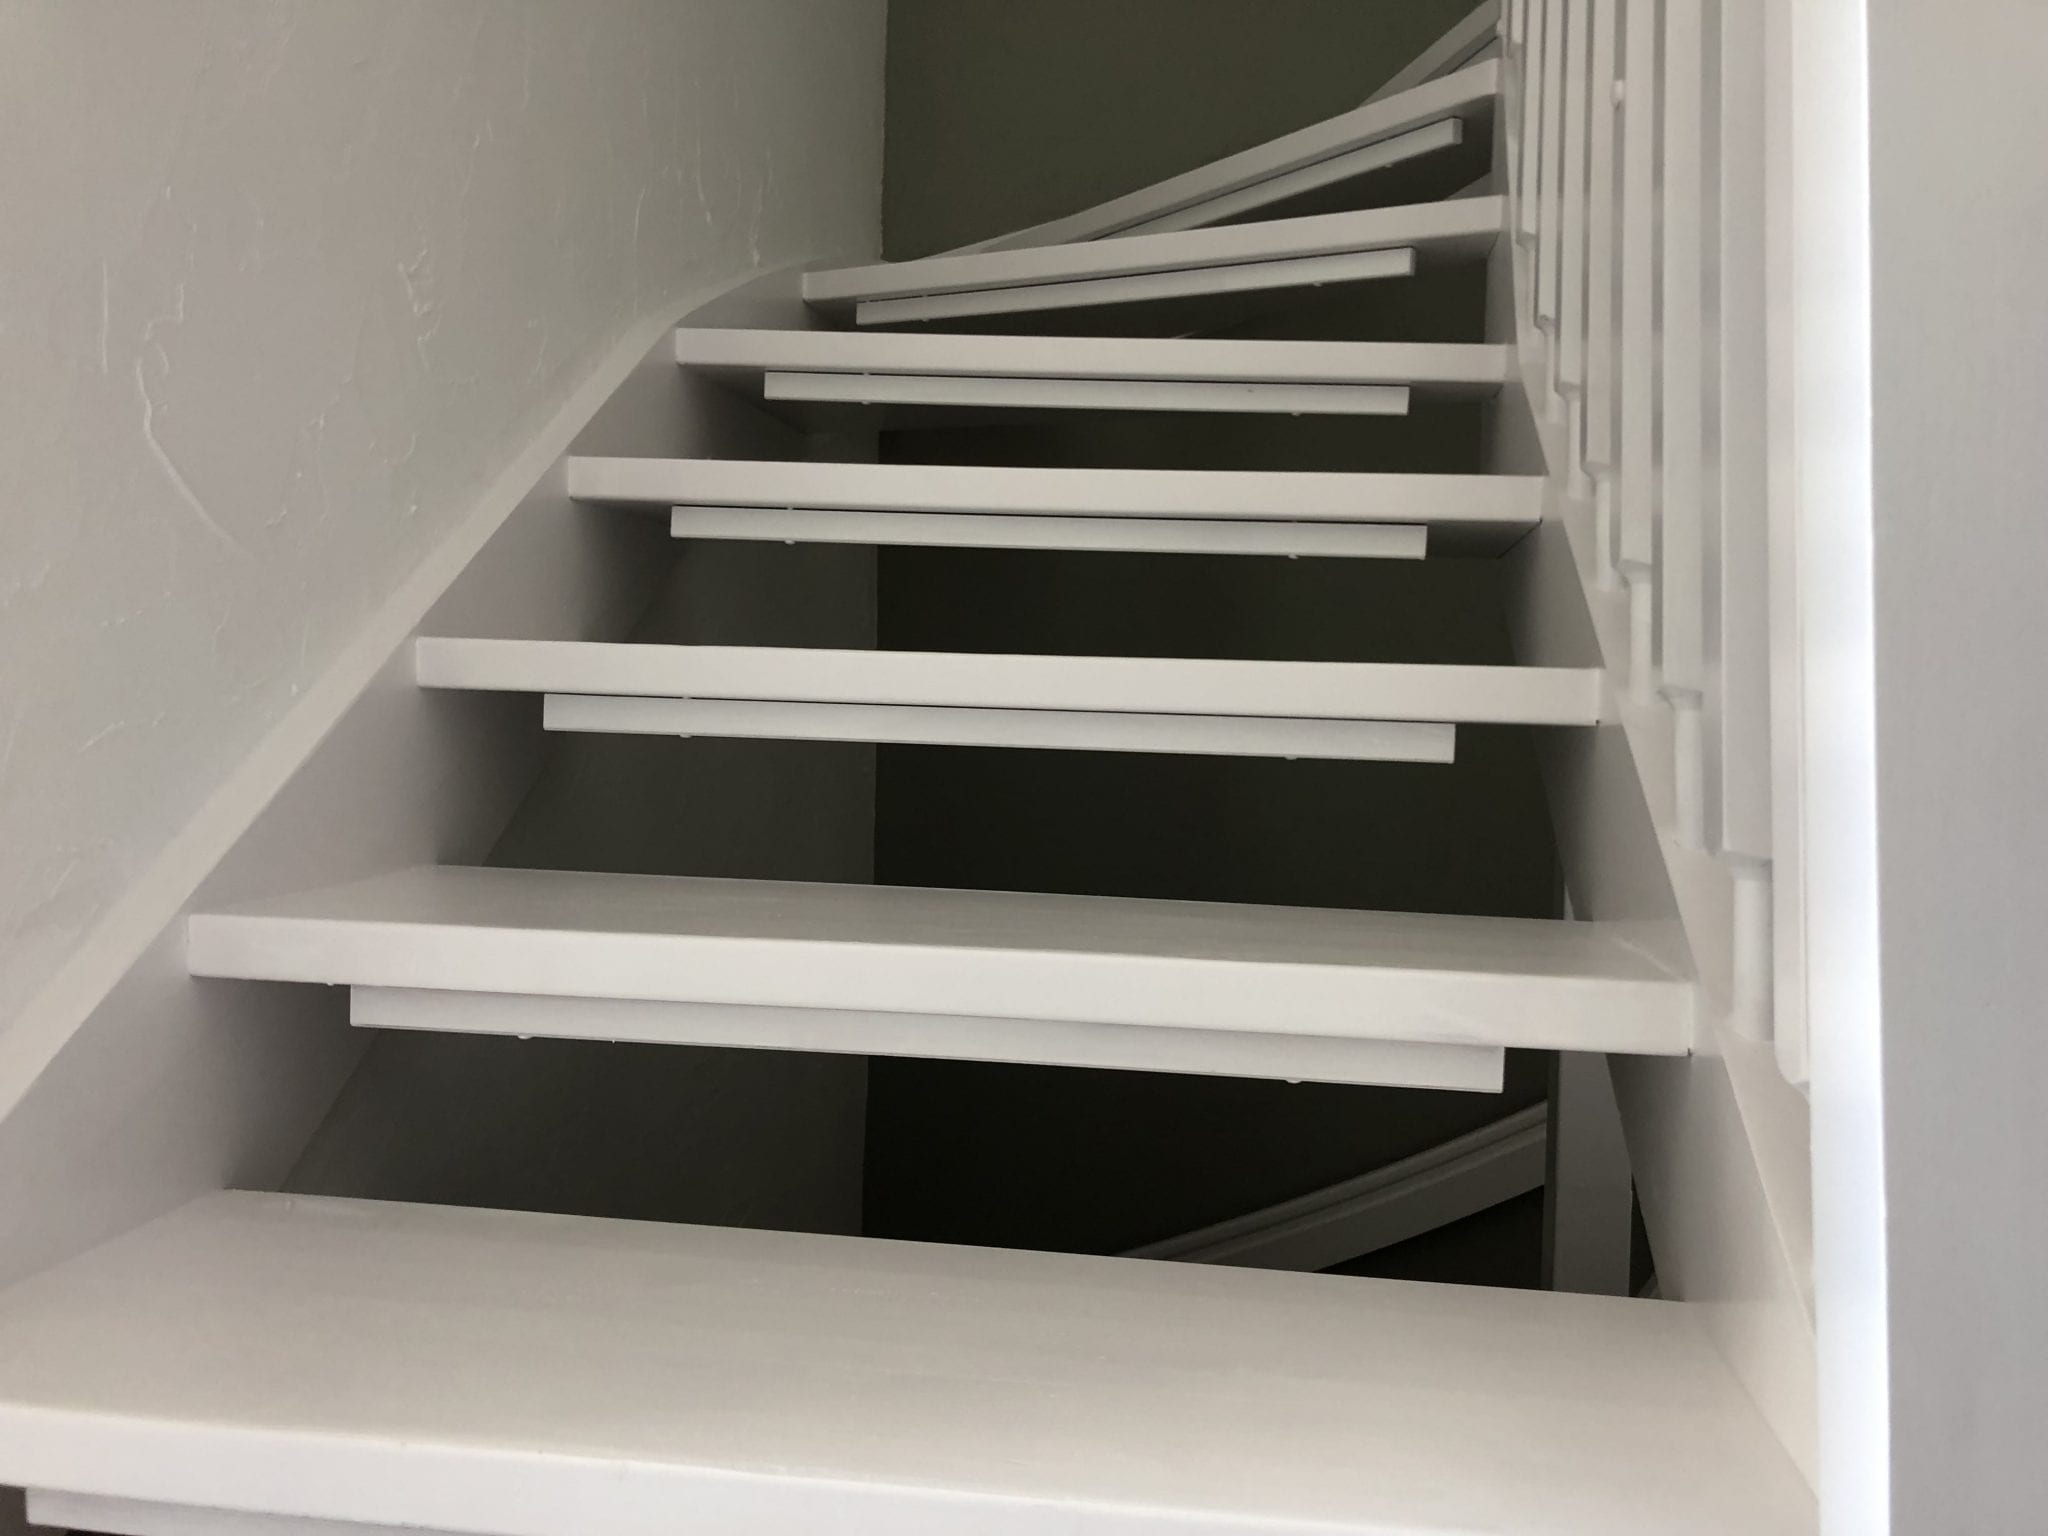 Treppenstufen streichen